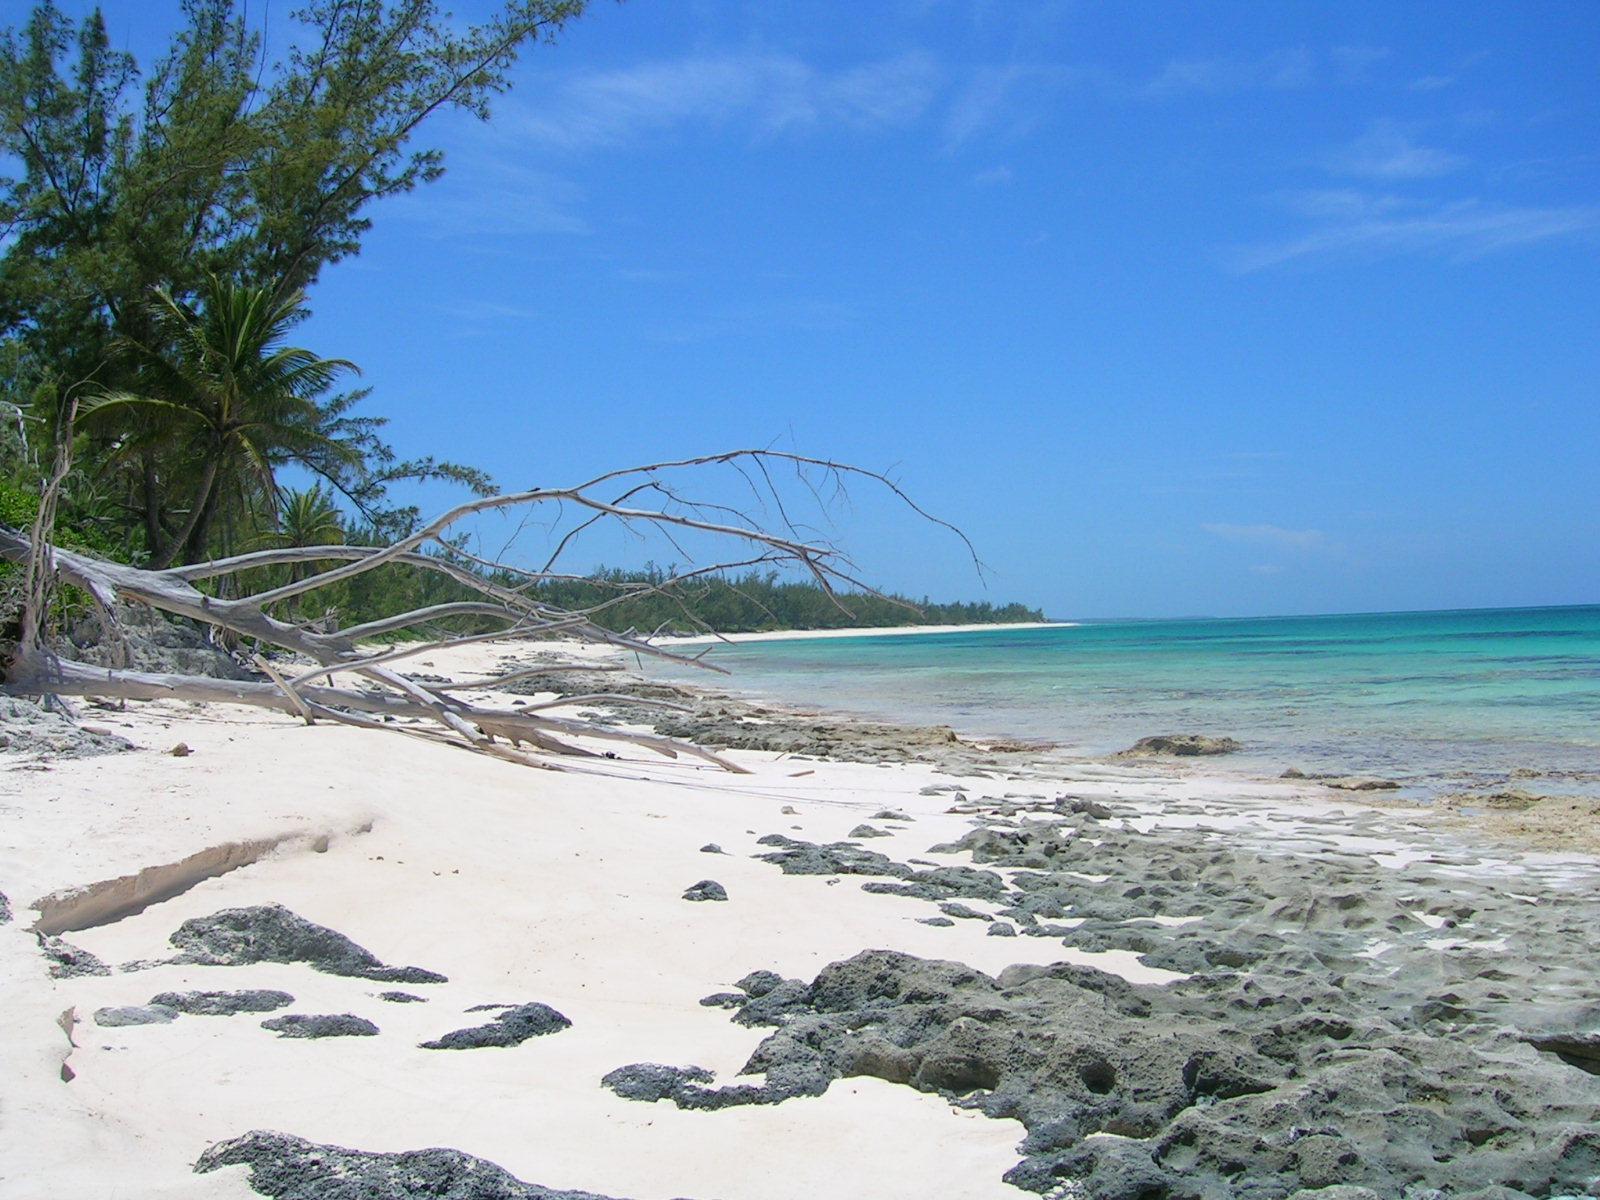 Quick video tour of Eleuthera beaches